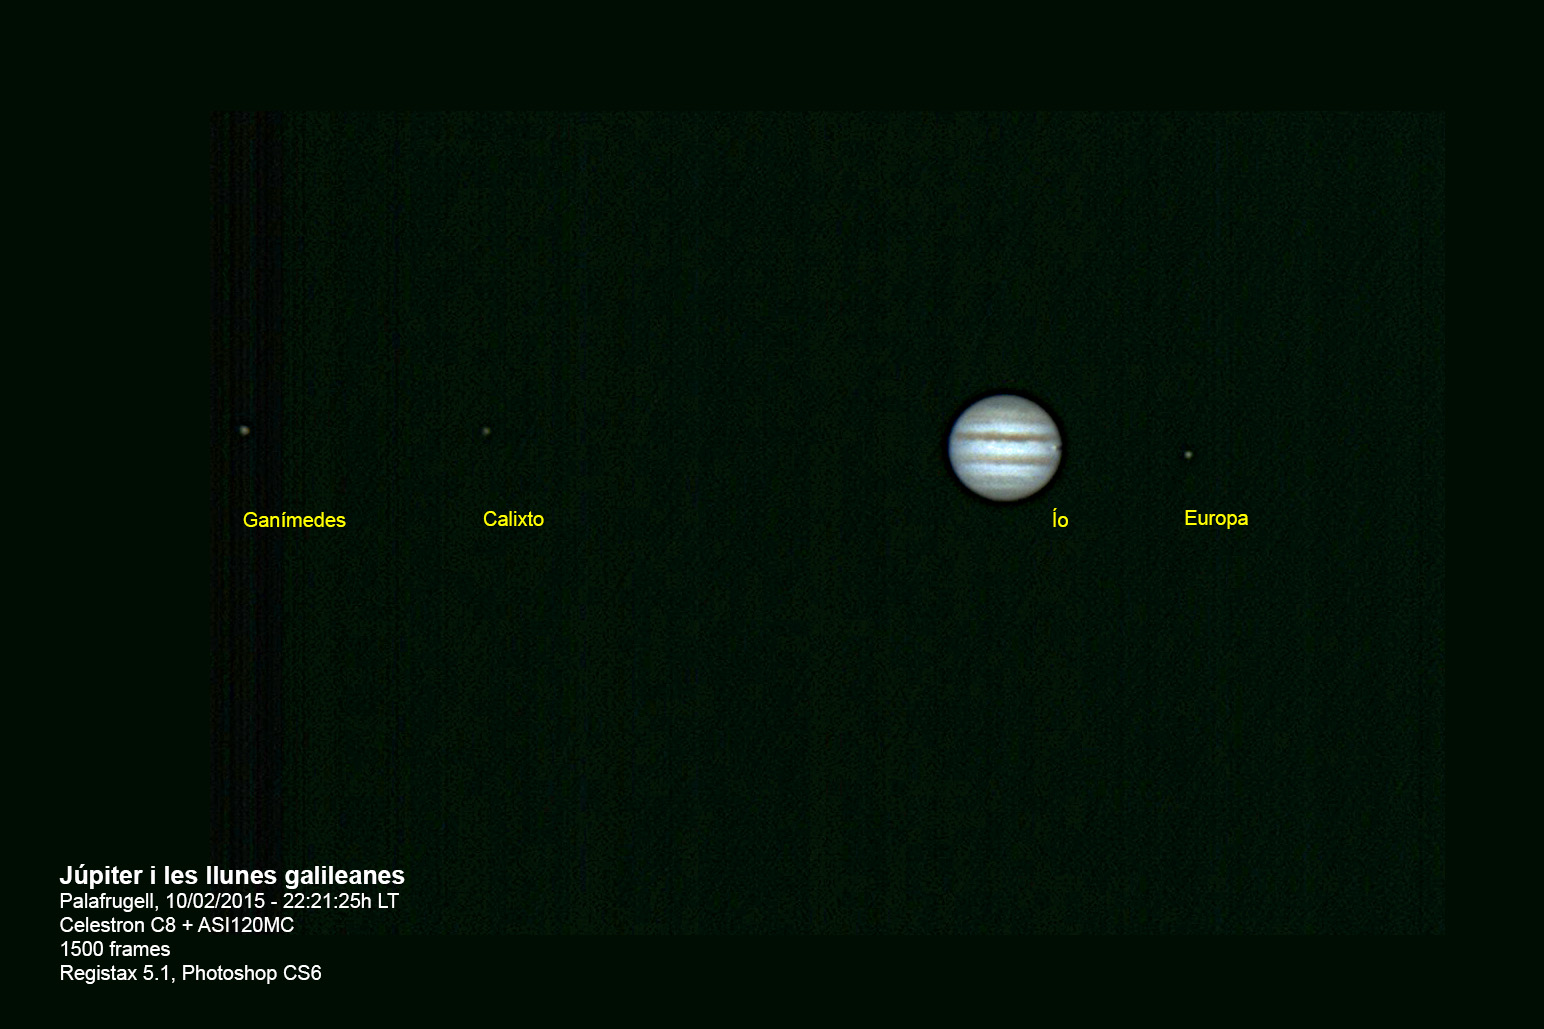 Júpiter i les seves llunes